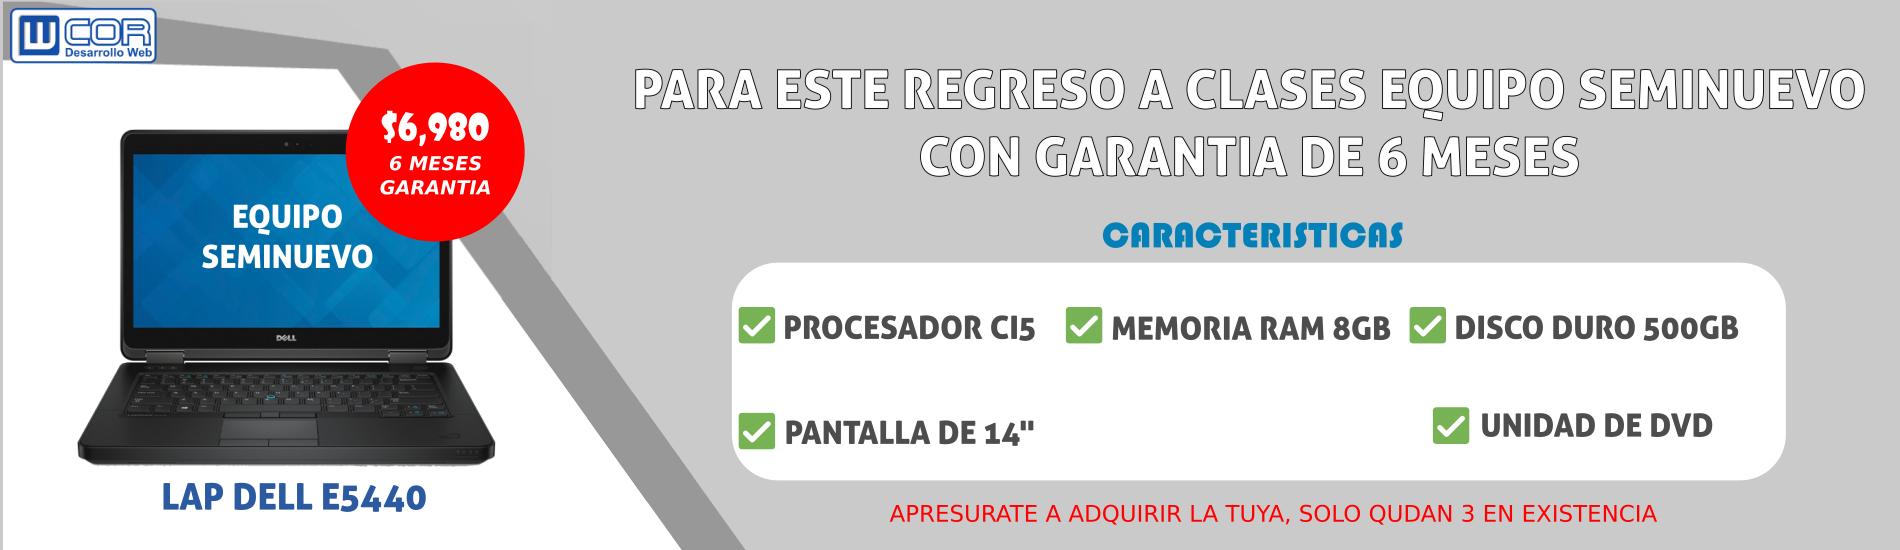 (c) Wcor.com.mx